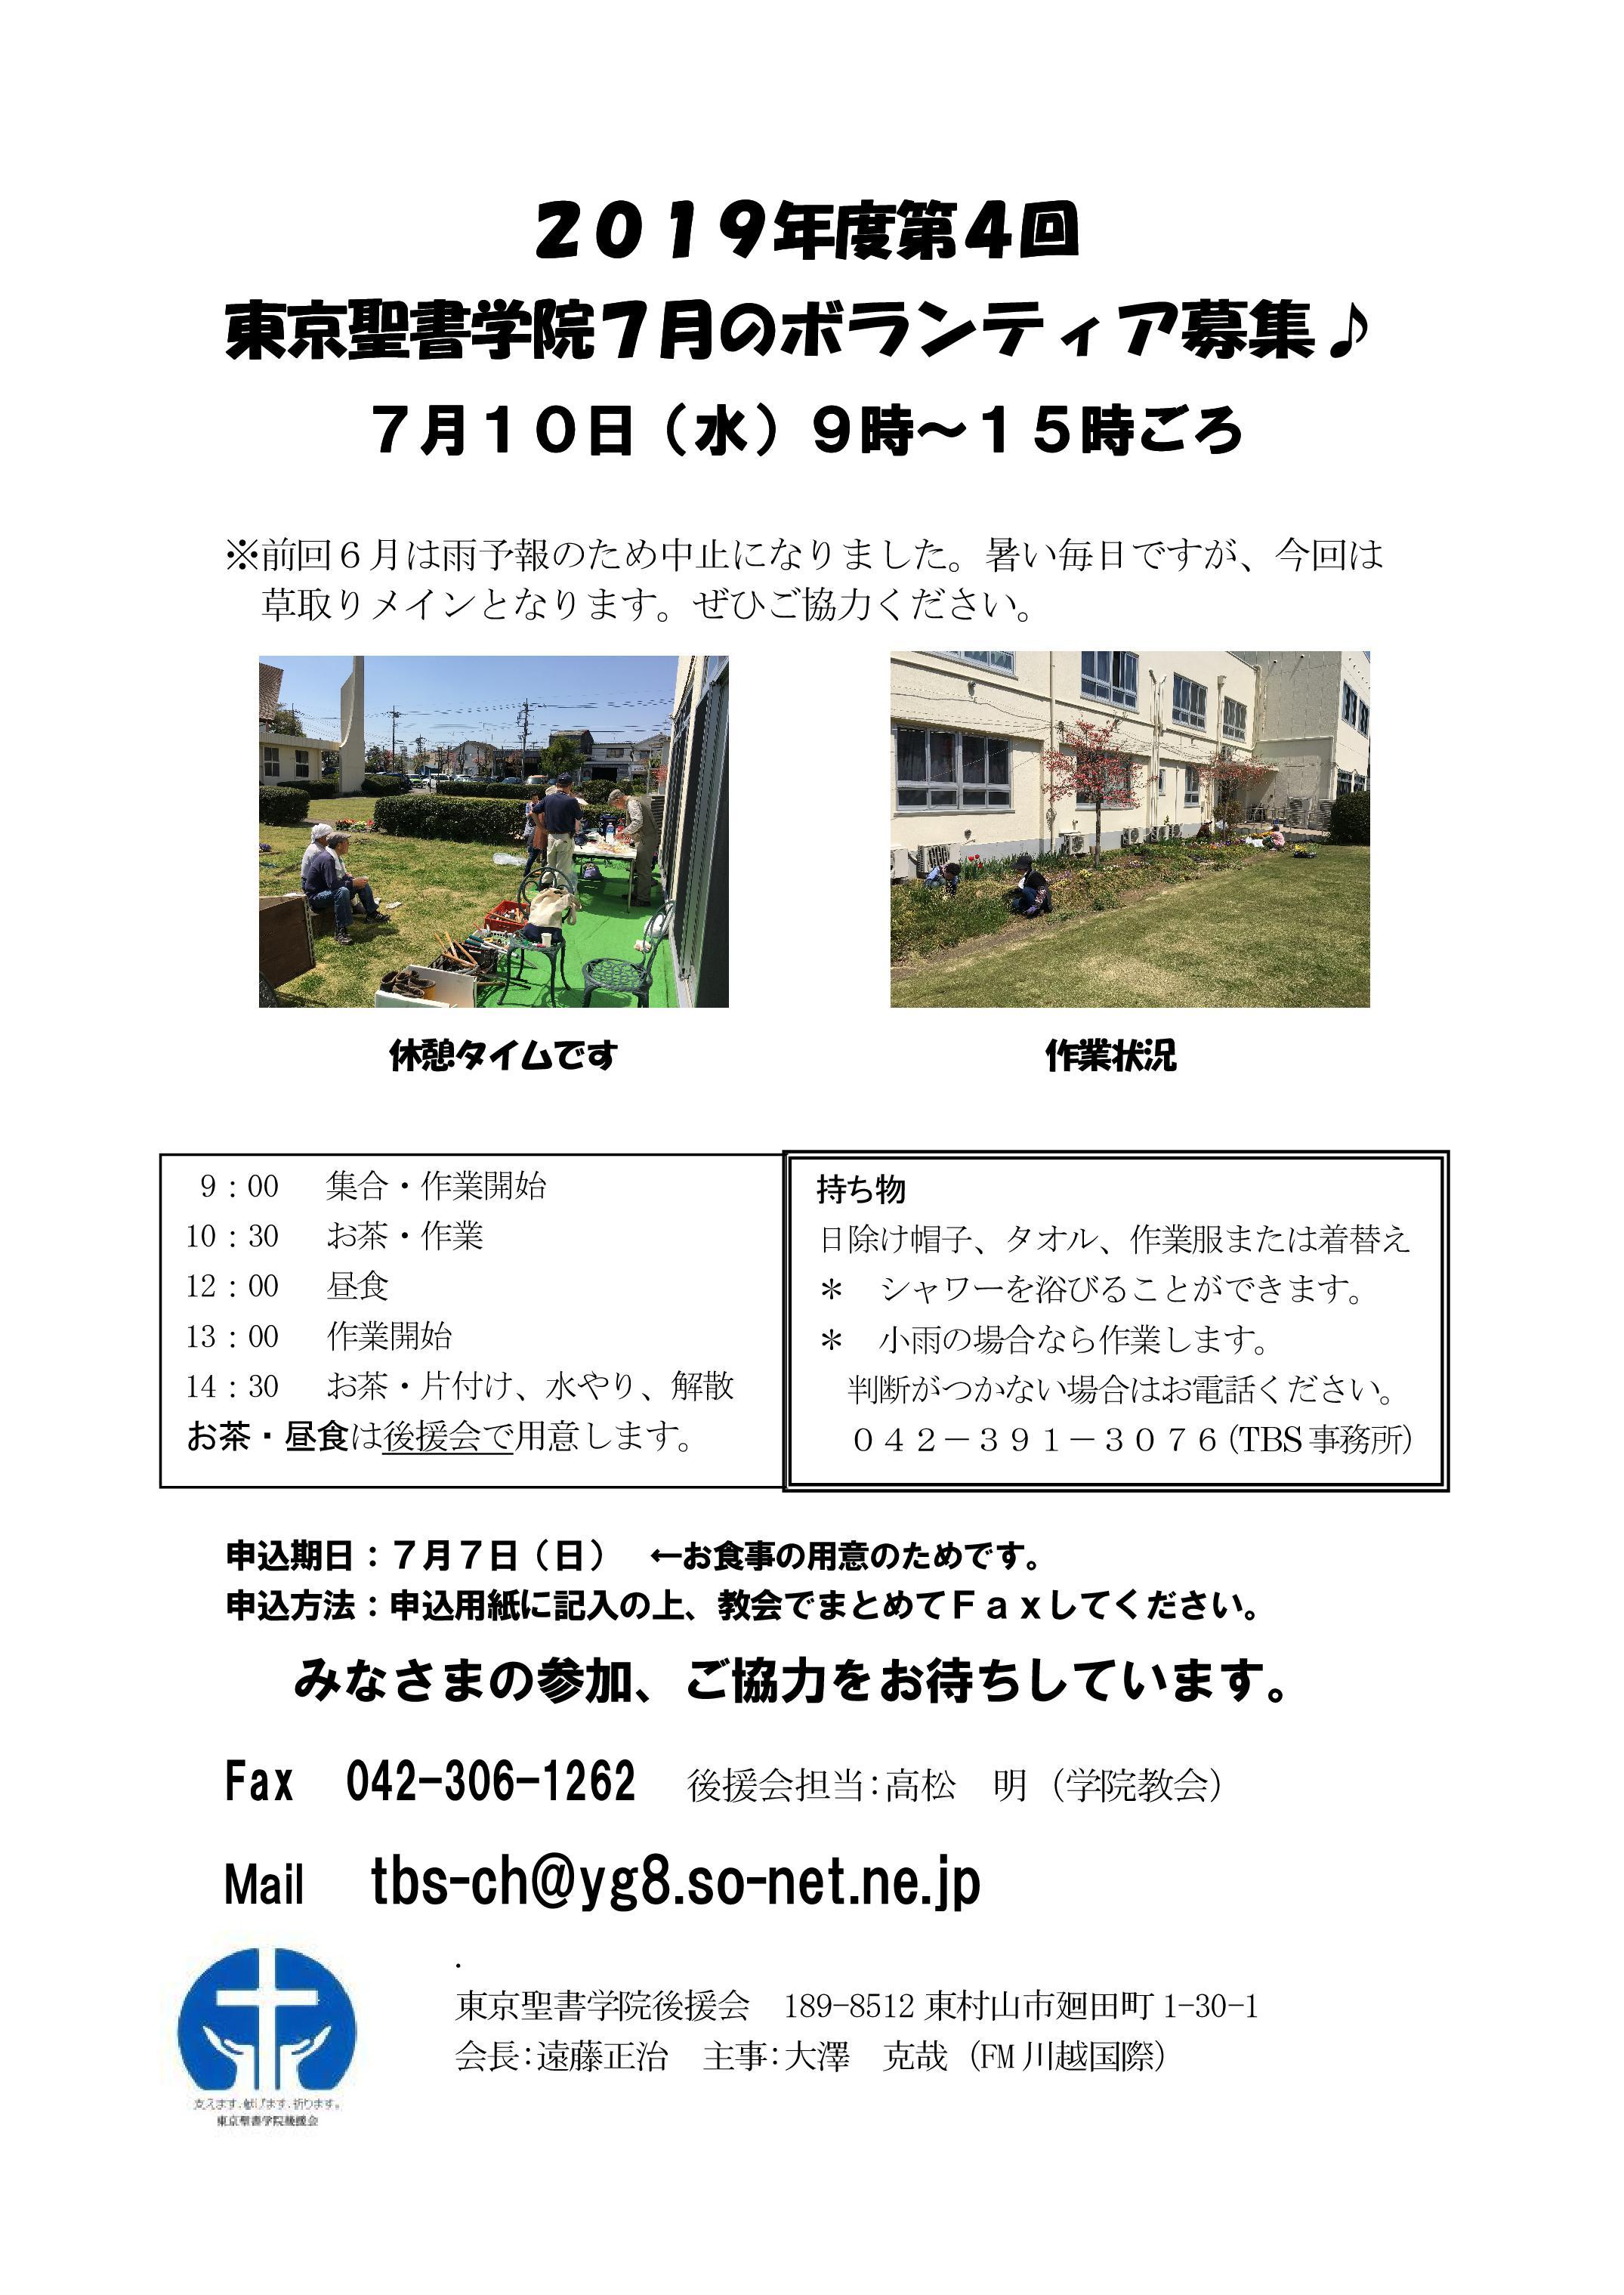 2019年度第4回東京聖書学院7月のボランティア募集